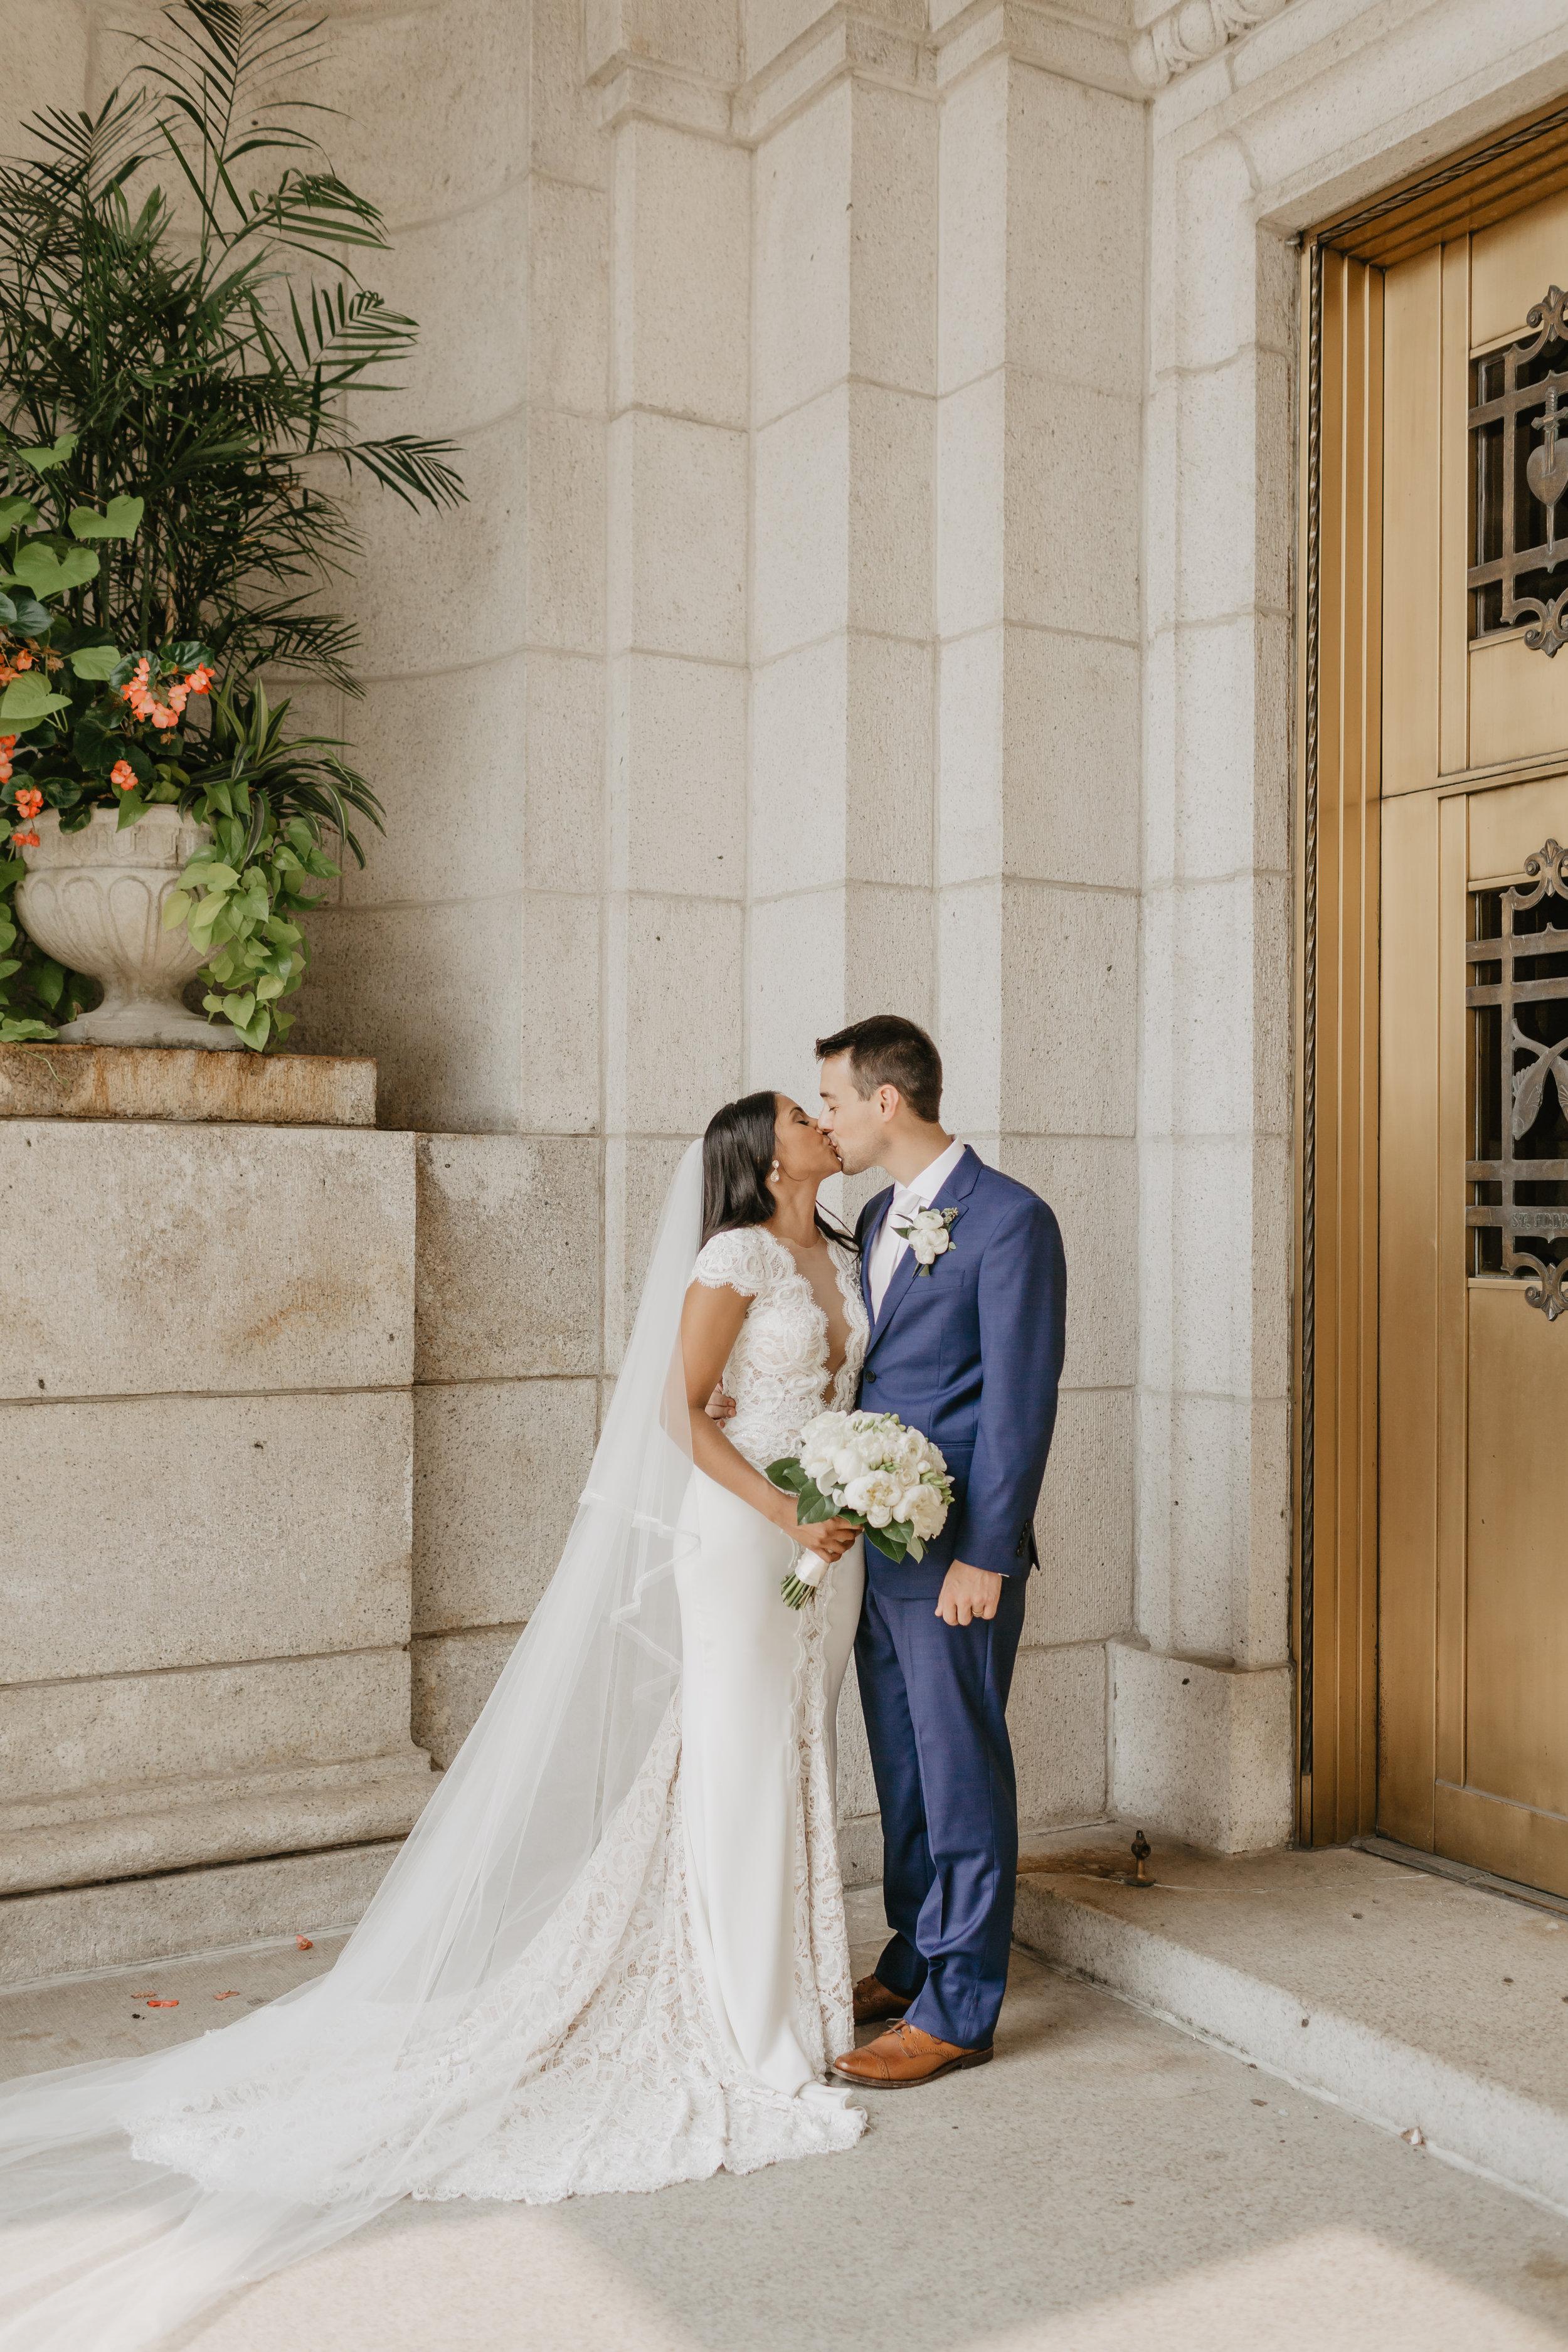 Ruwani and Zach Basilica Wedding Kokal Photography